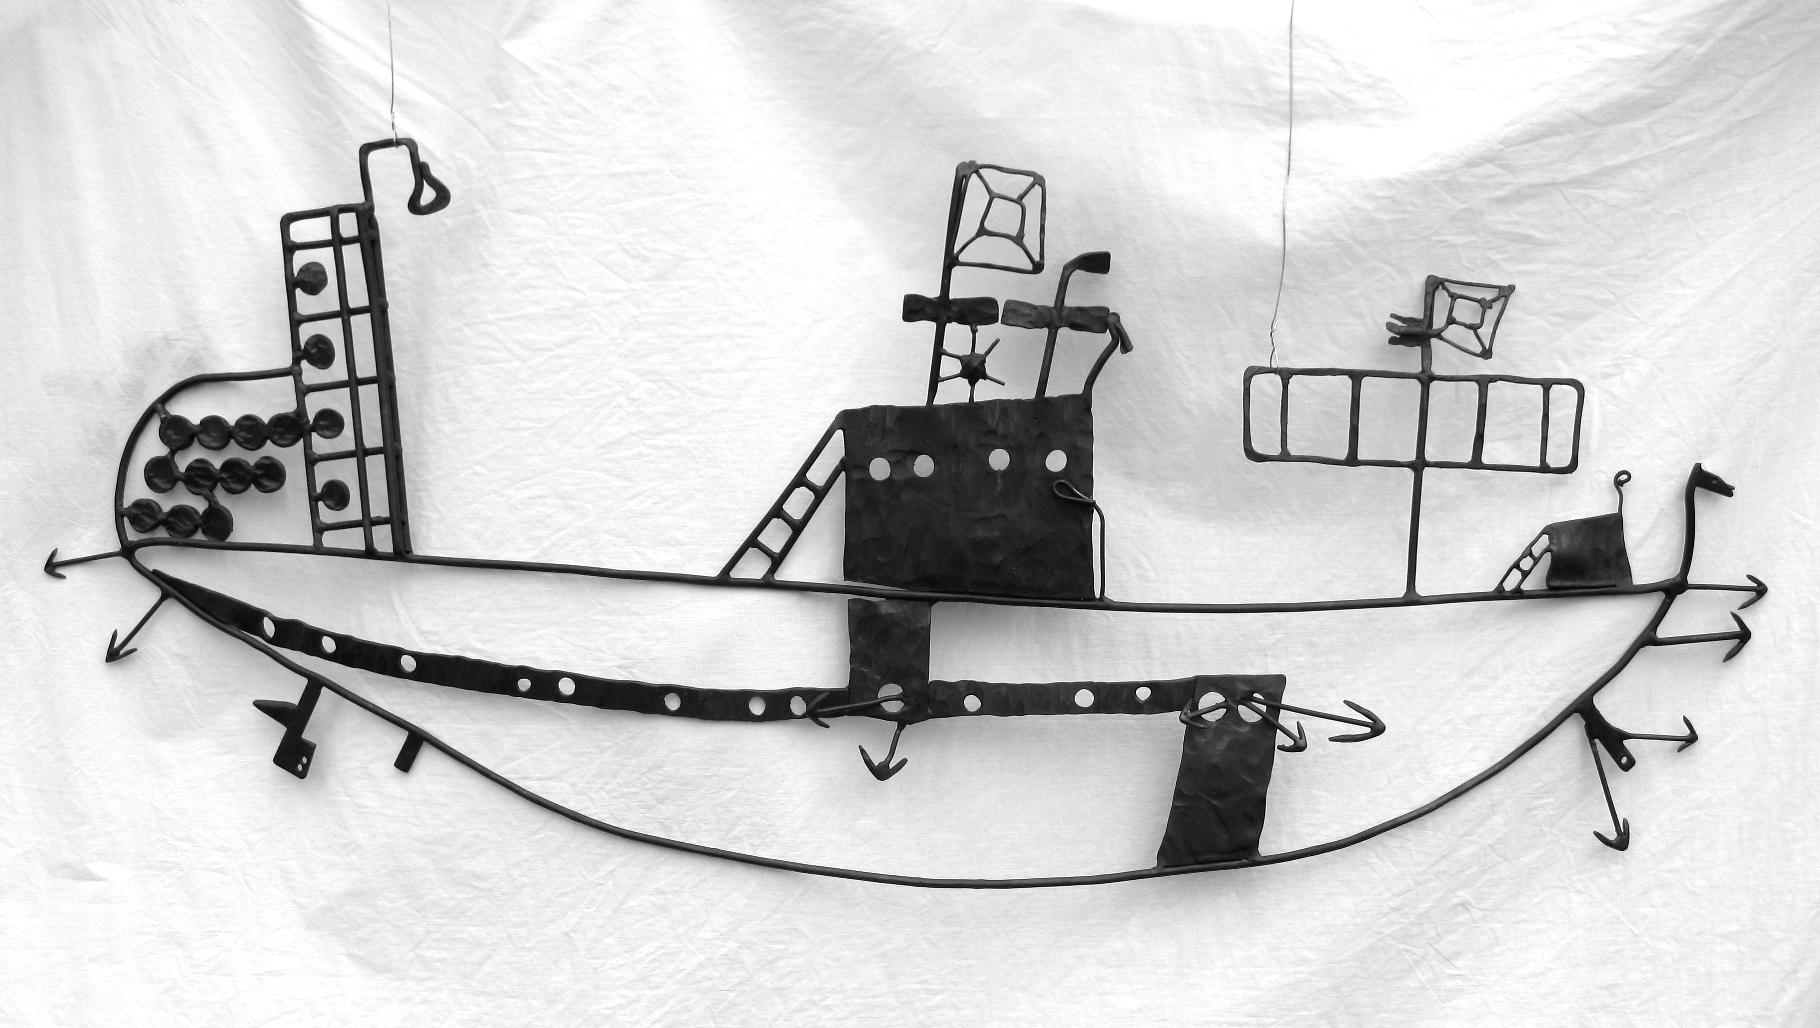 Handelsschiff - geschmiedet aus Eisen; 70*40cm